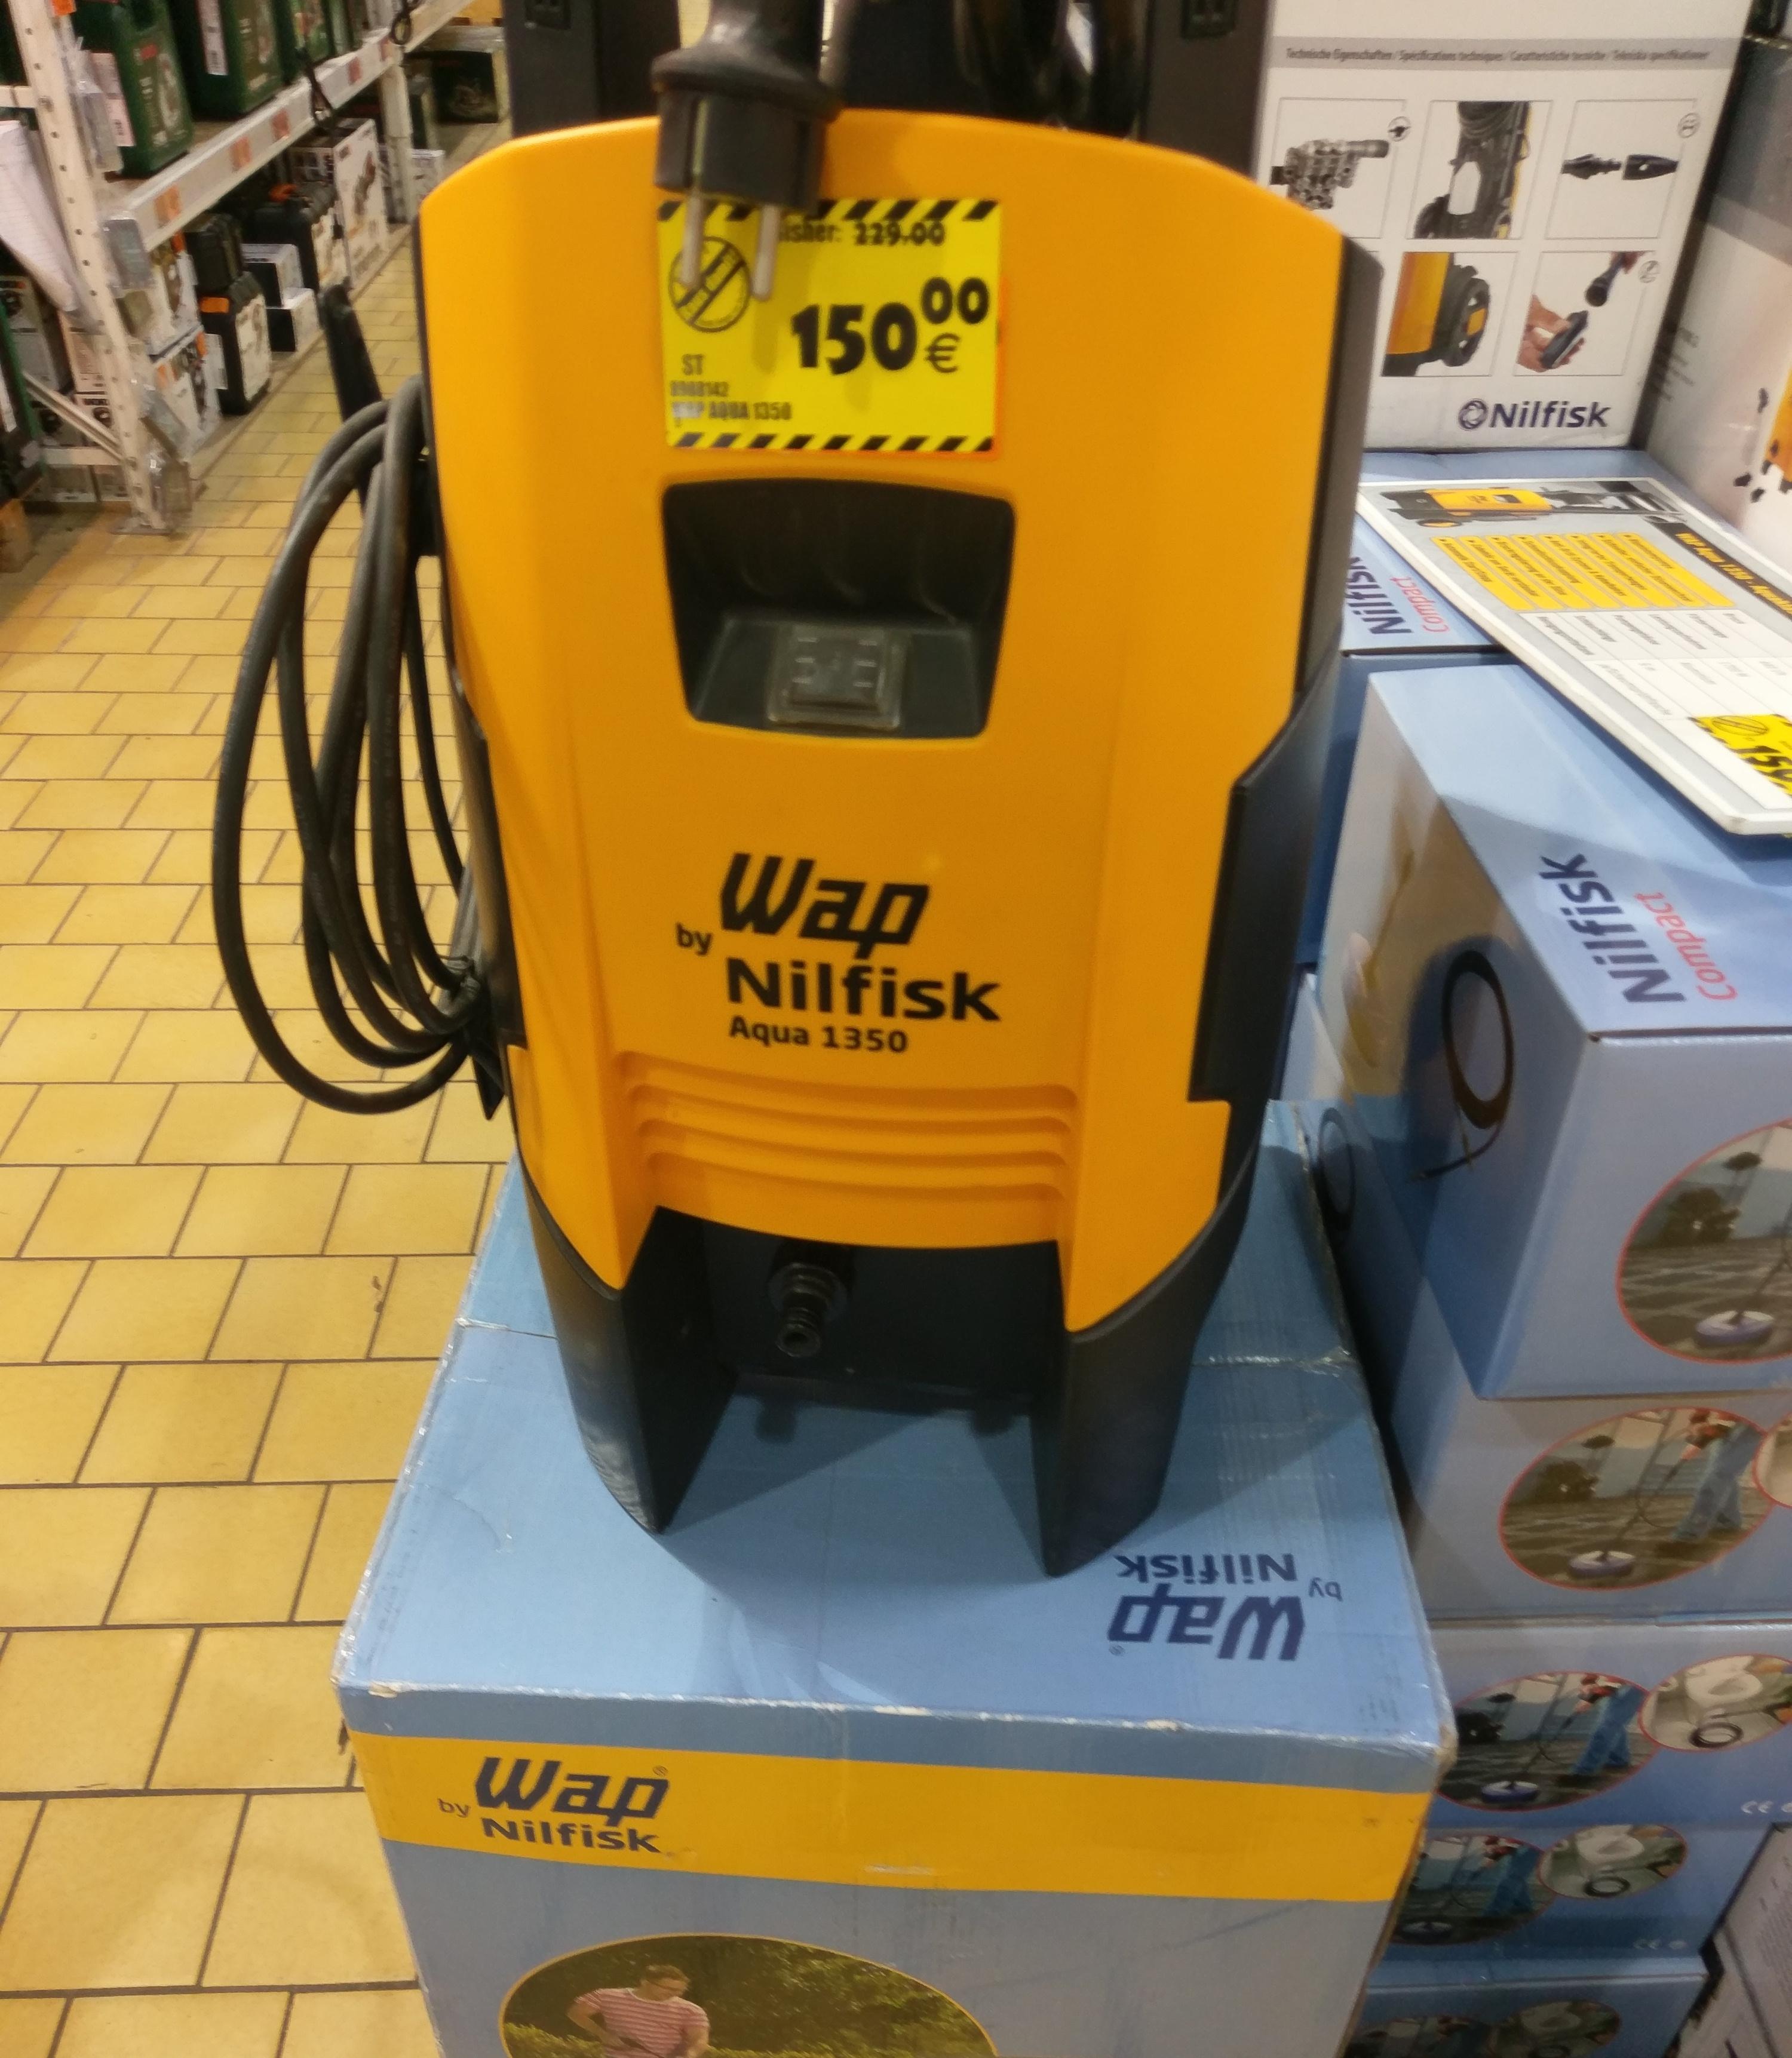 [lokal Hornbach Leipzig] Nilfisk Aqua 1350 150 Euro bzw. 100 Euro